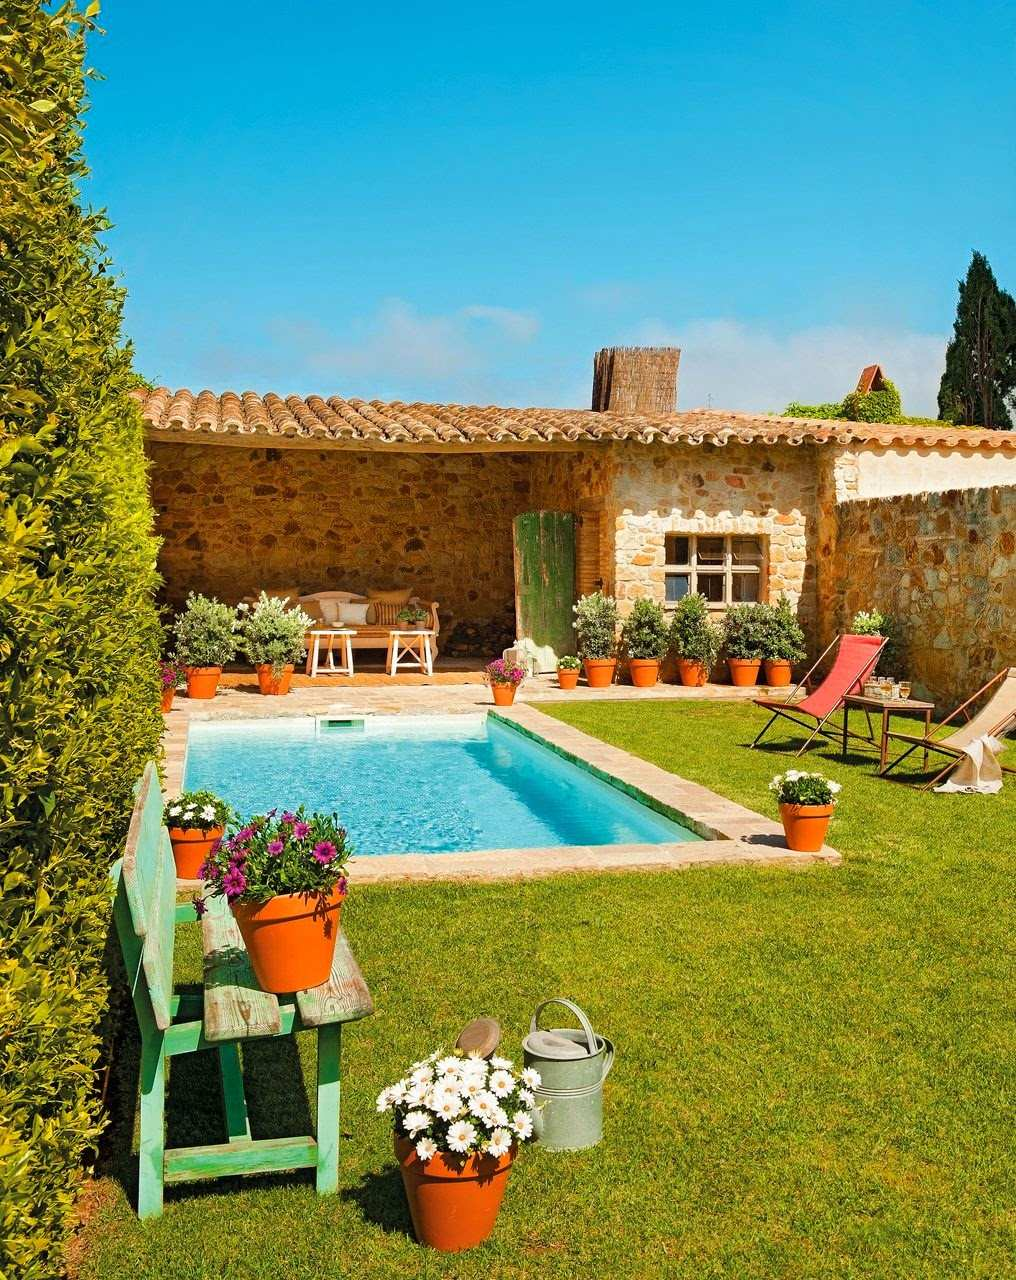 Casas lindas conhe a 65 casas incr veis e se inspire for Ideas para jardines de campo